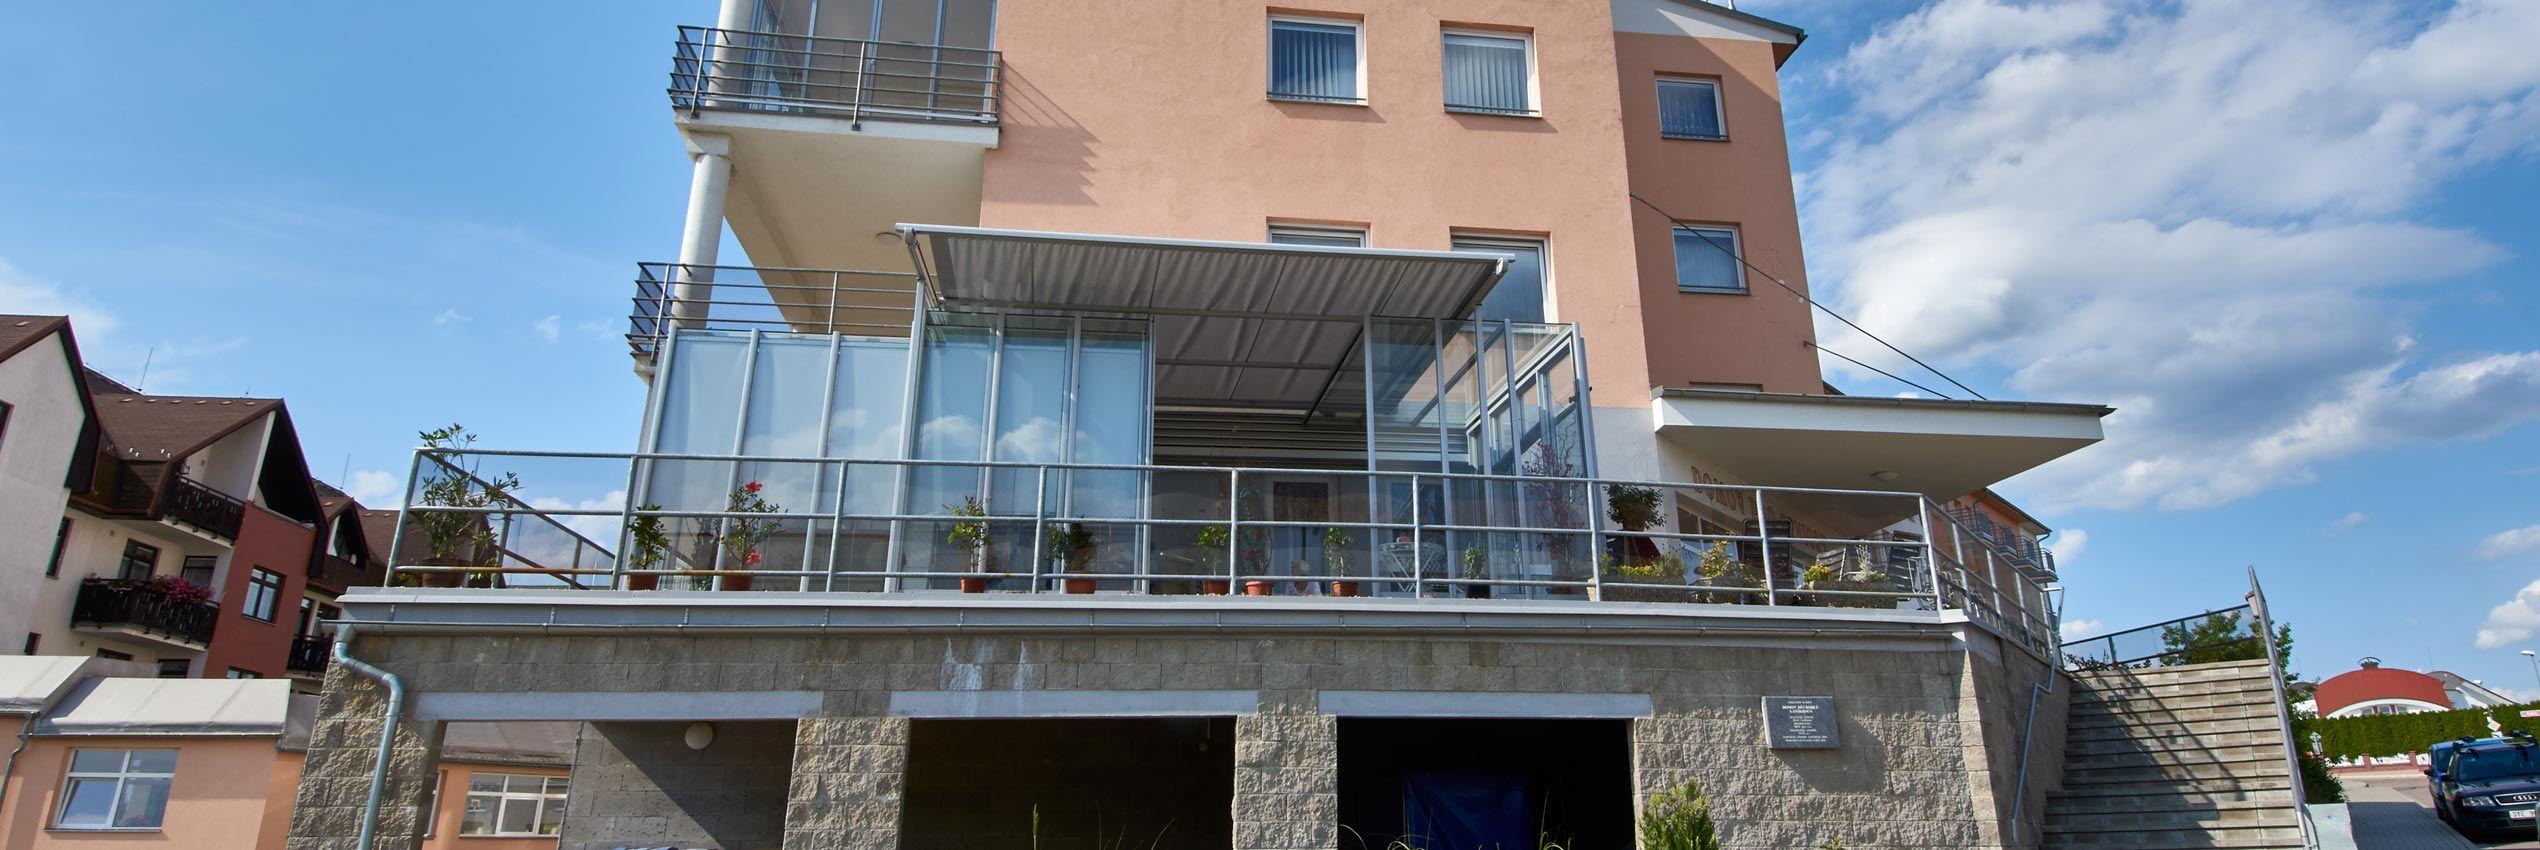 Teilweise aufgeschobene Überdachung CORSO Glas für Horeca